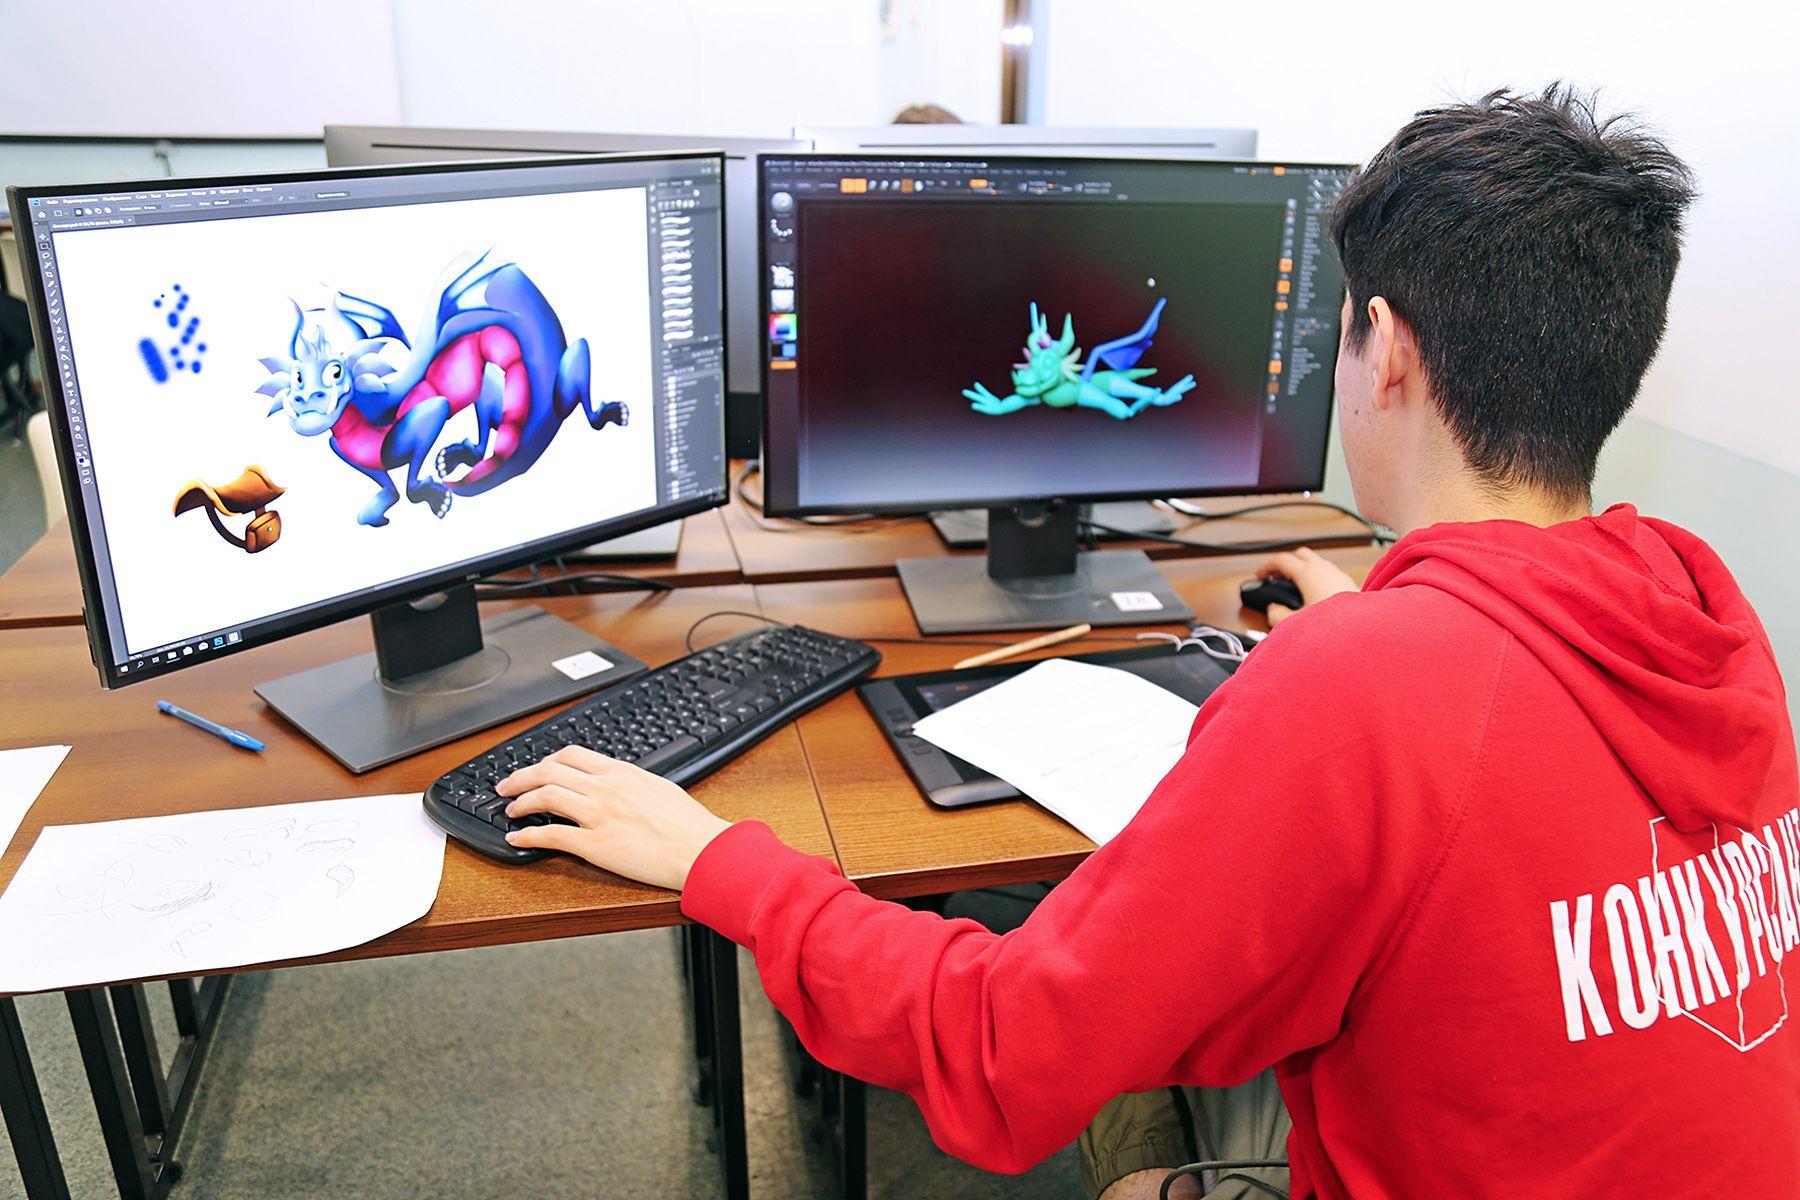 Профессия будущего: проходи творческое испытание и поступай на направление «Цифровой дизайн» ВГУЭС